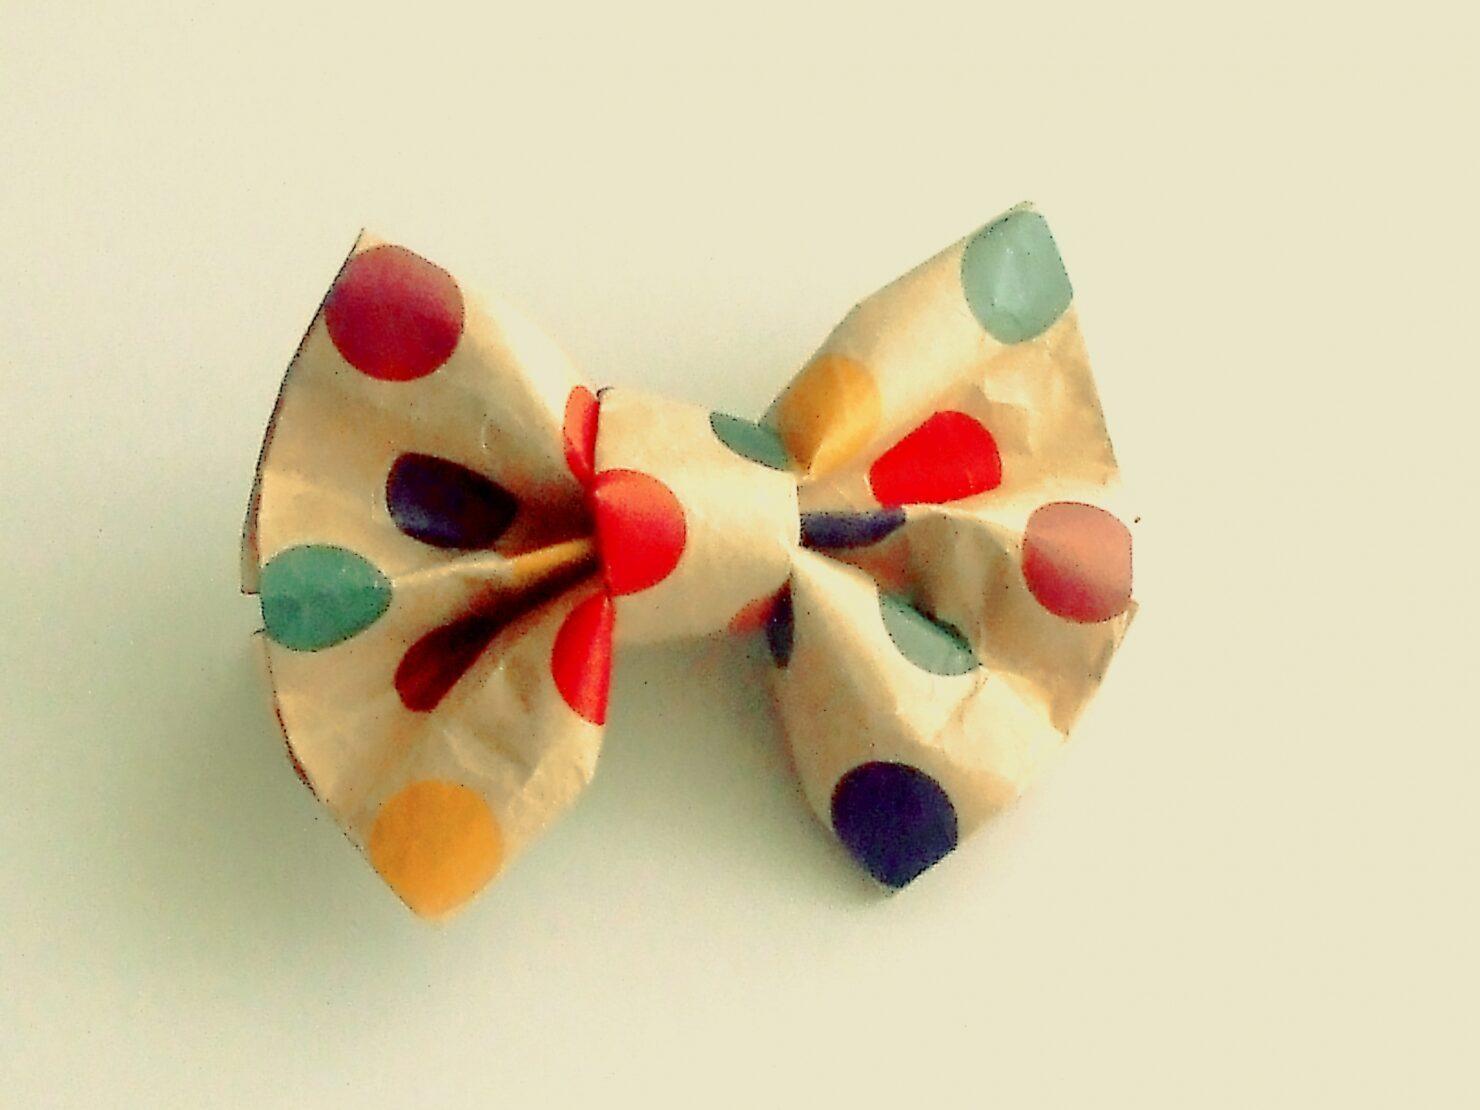 使い勝手抜群の「リボン」を折り紙で作ってみよう!